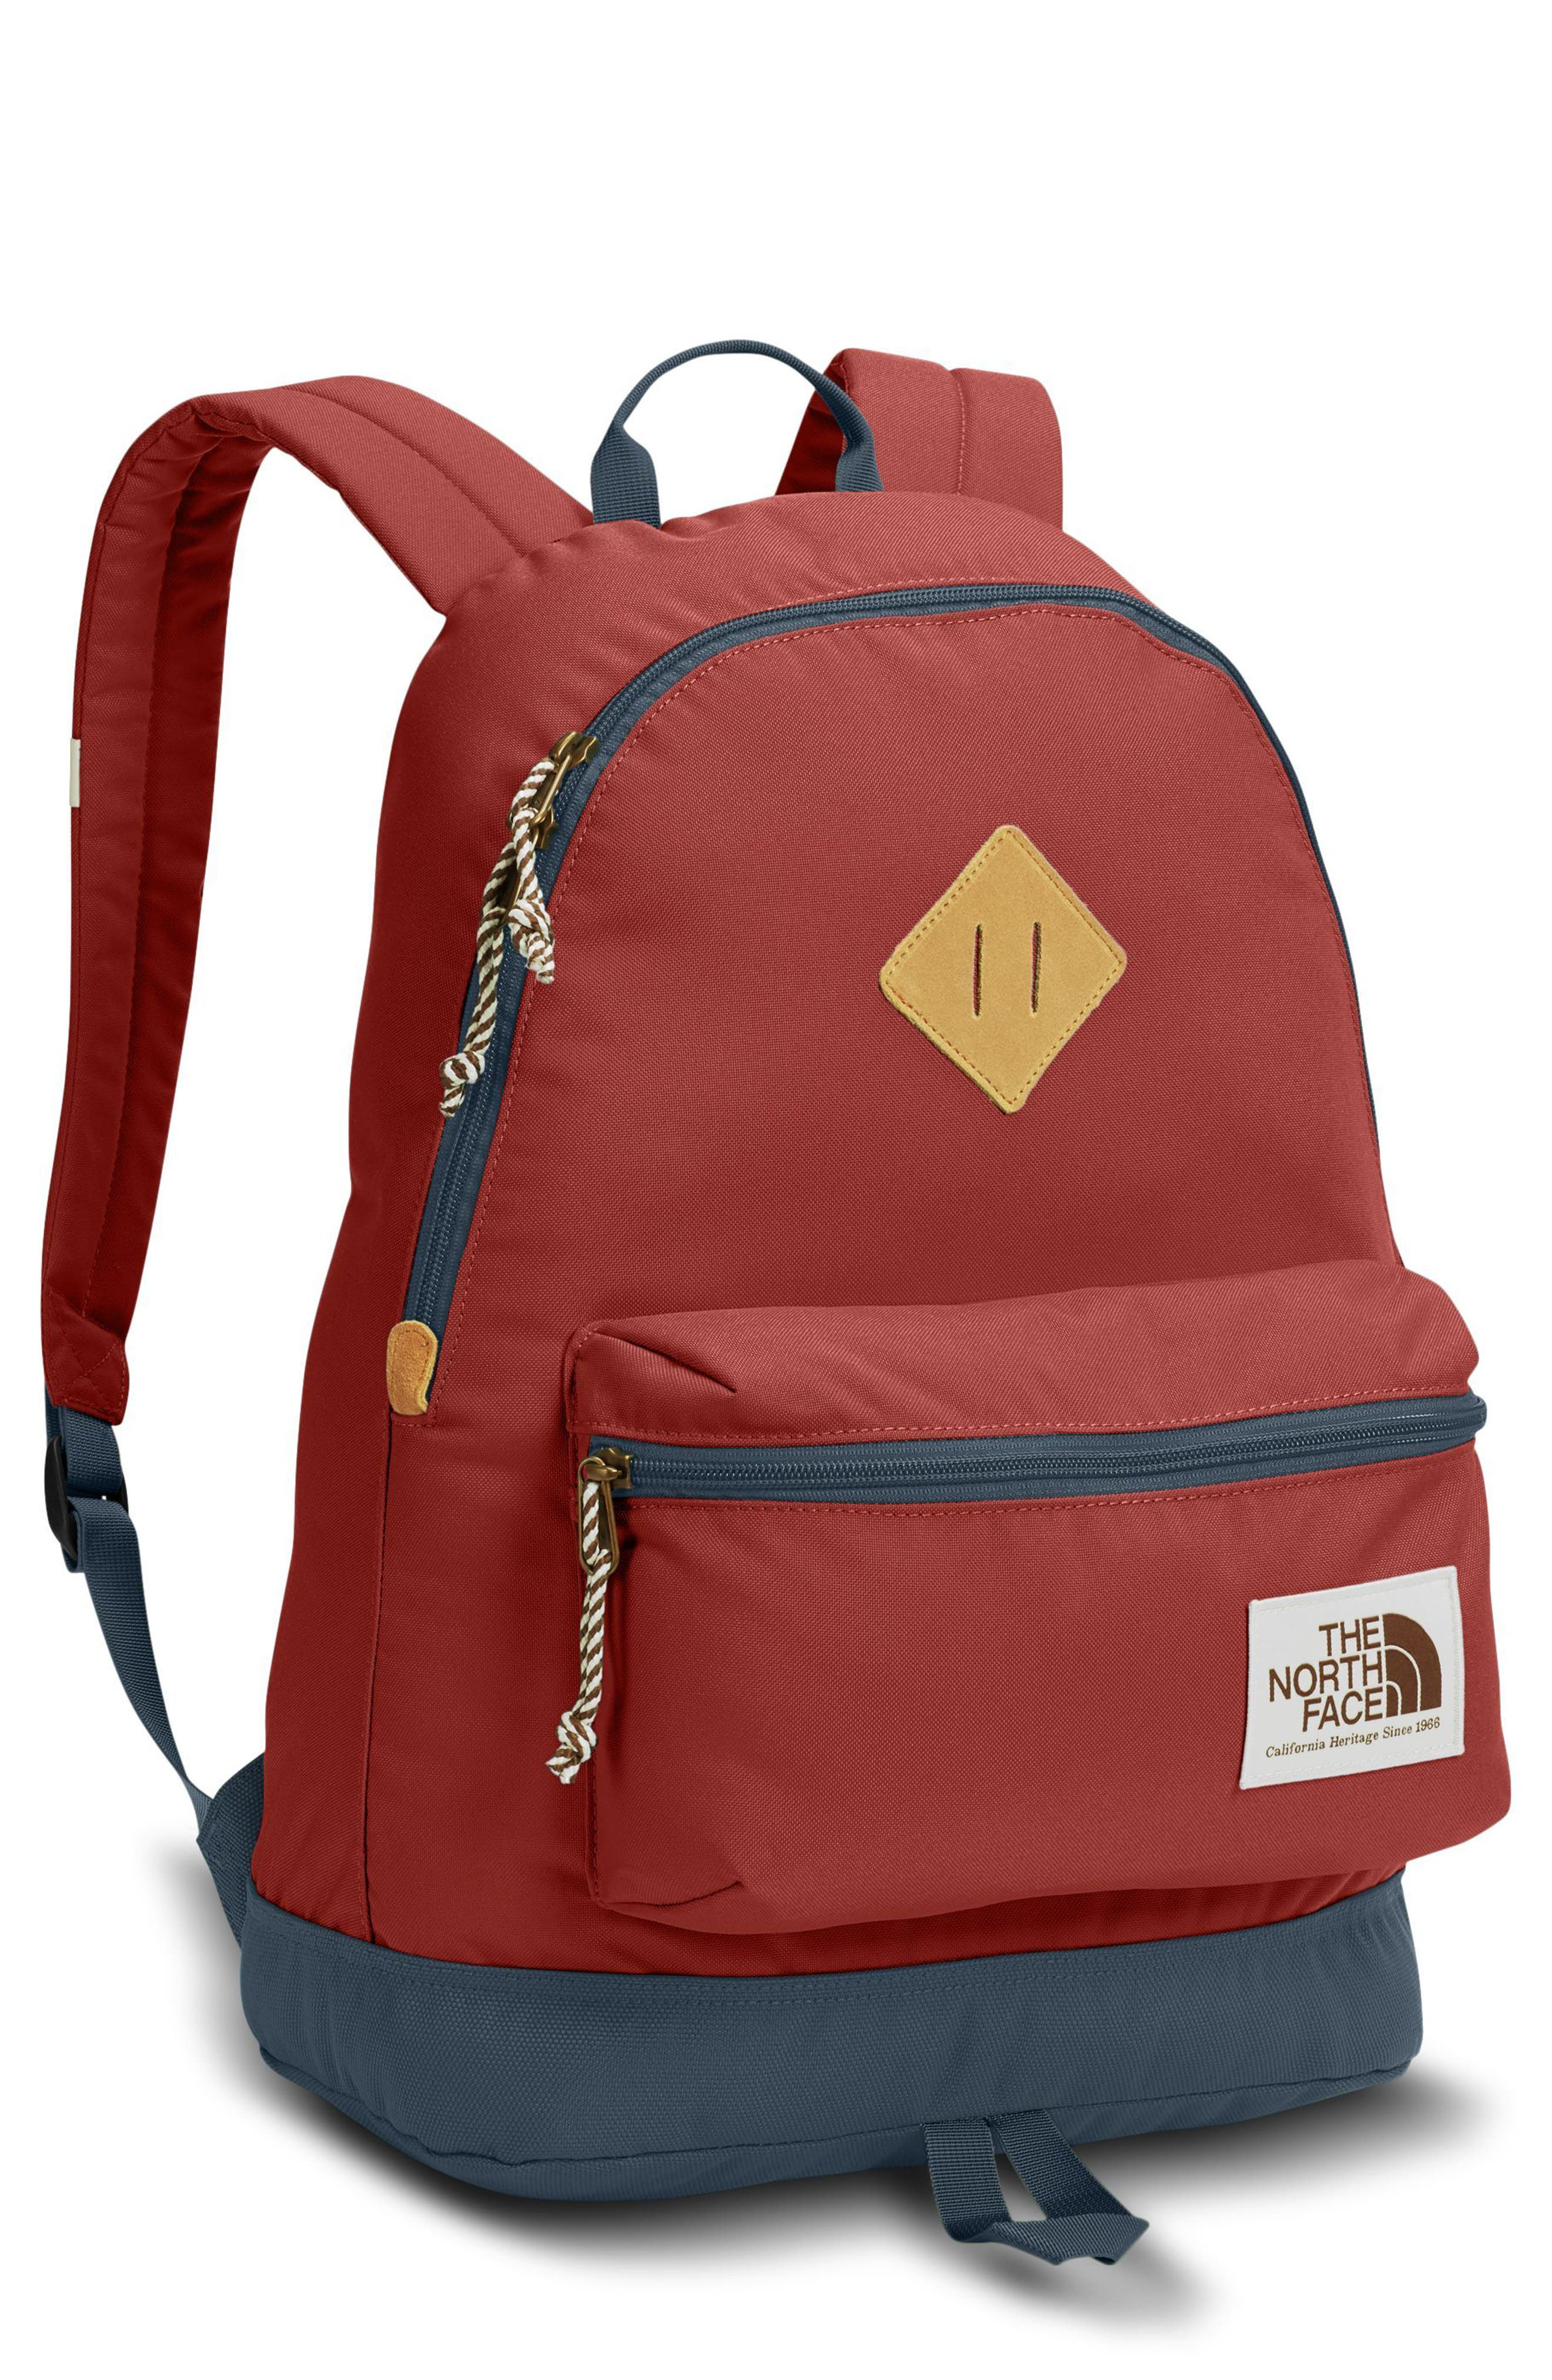 Berkeley Backpack,                         Main,                         color, Bossa Nova Red/ Conquer Blue